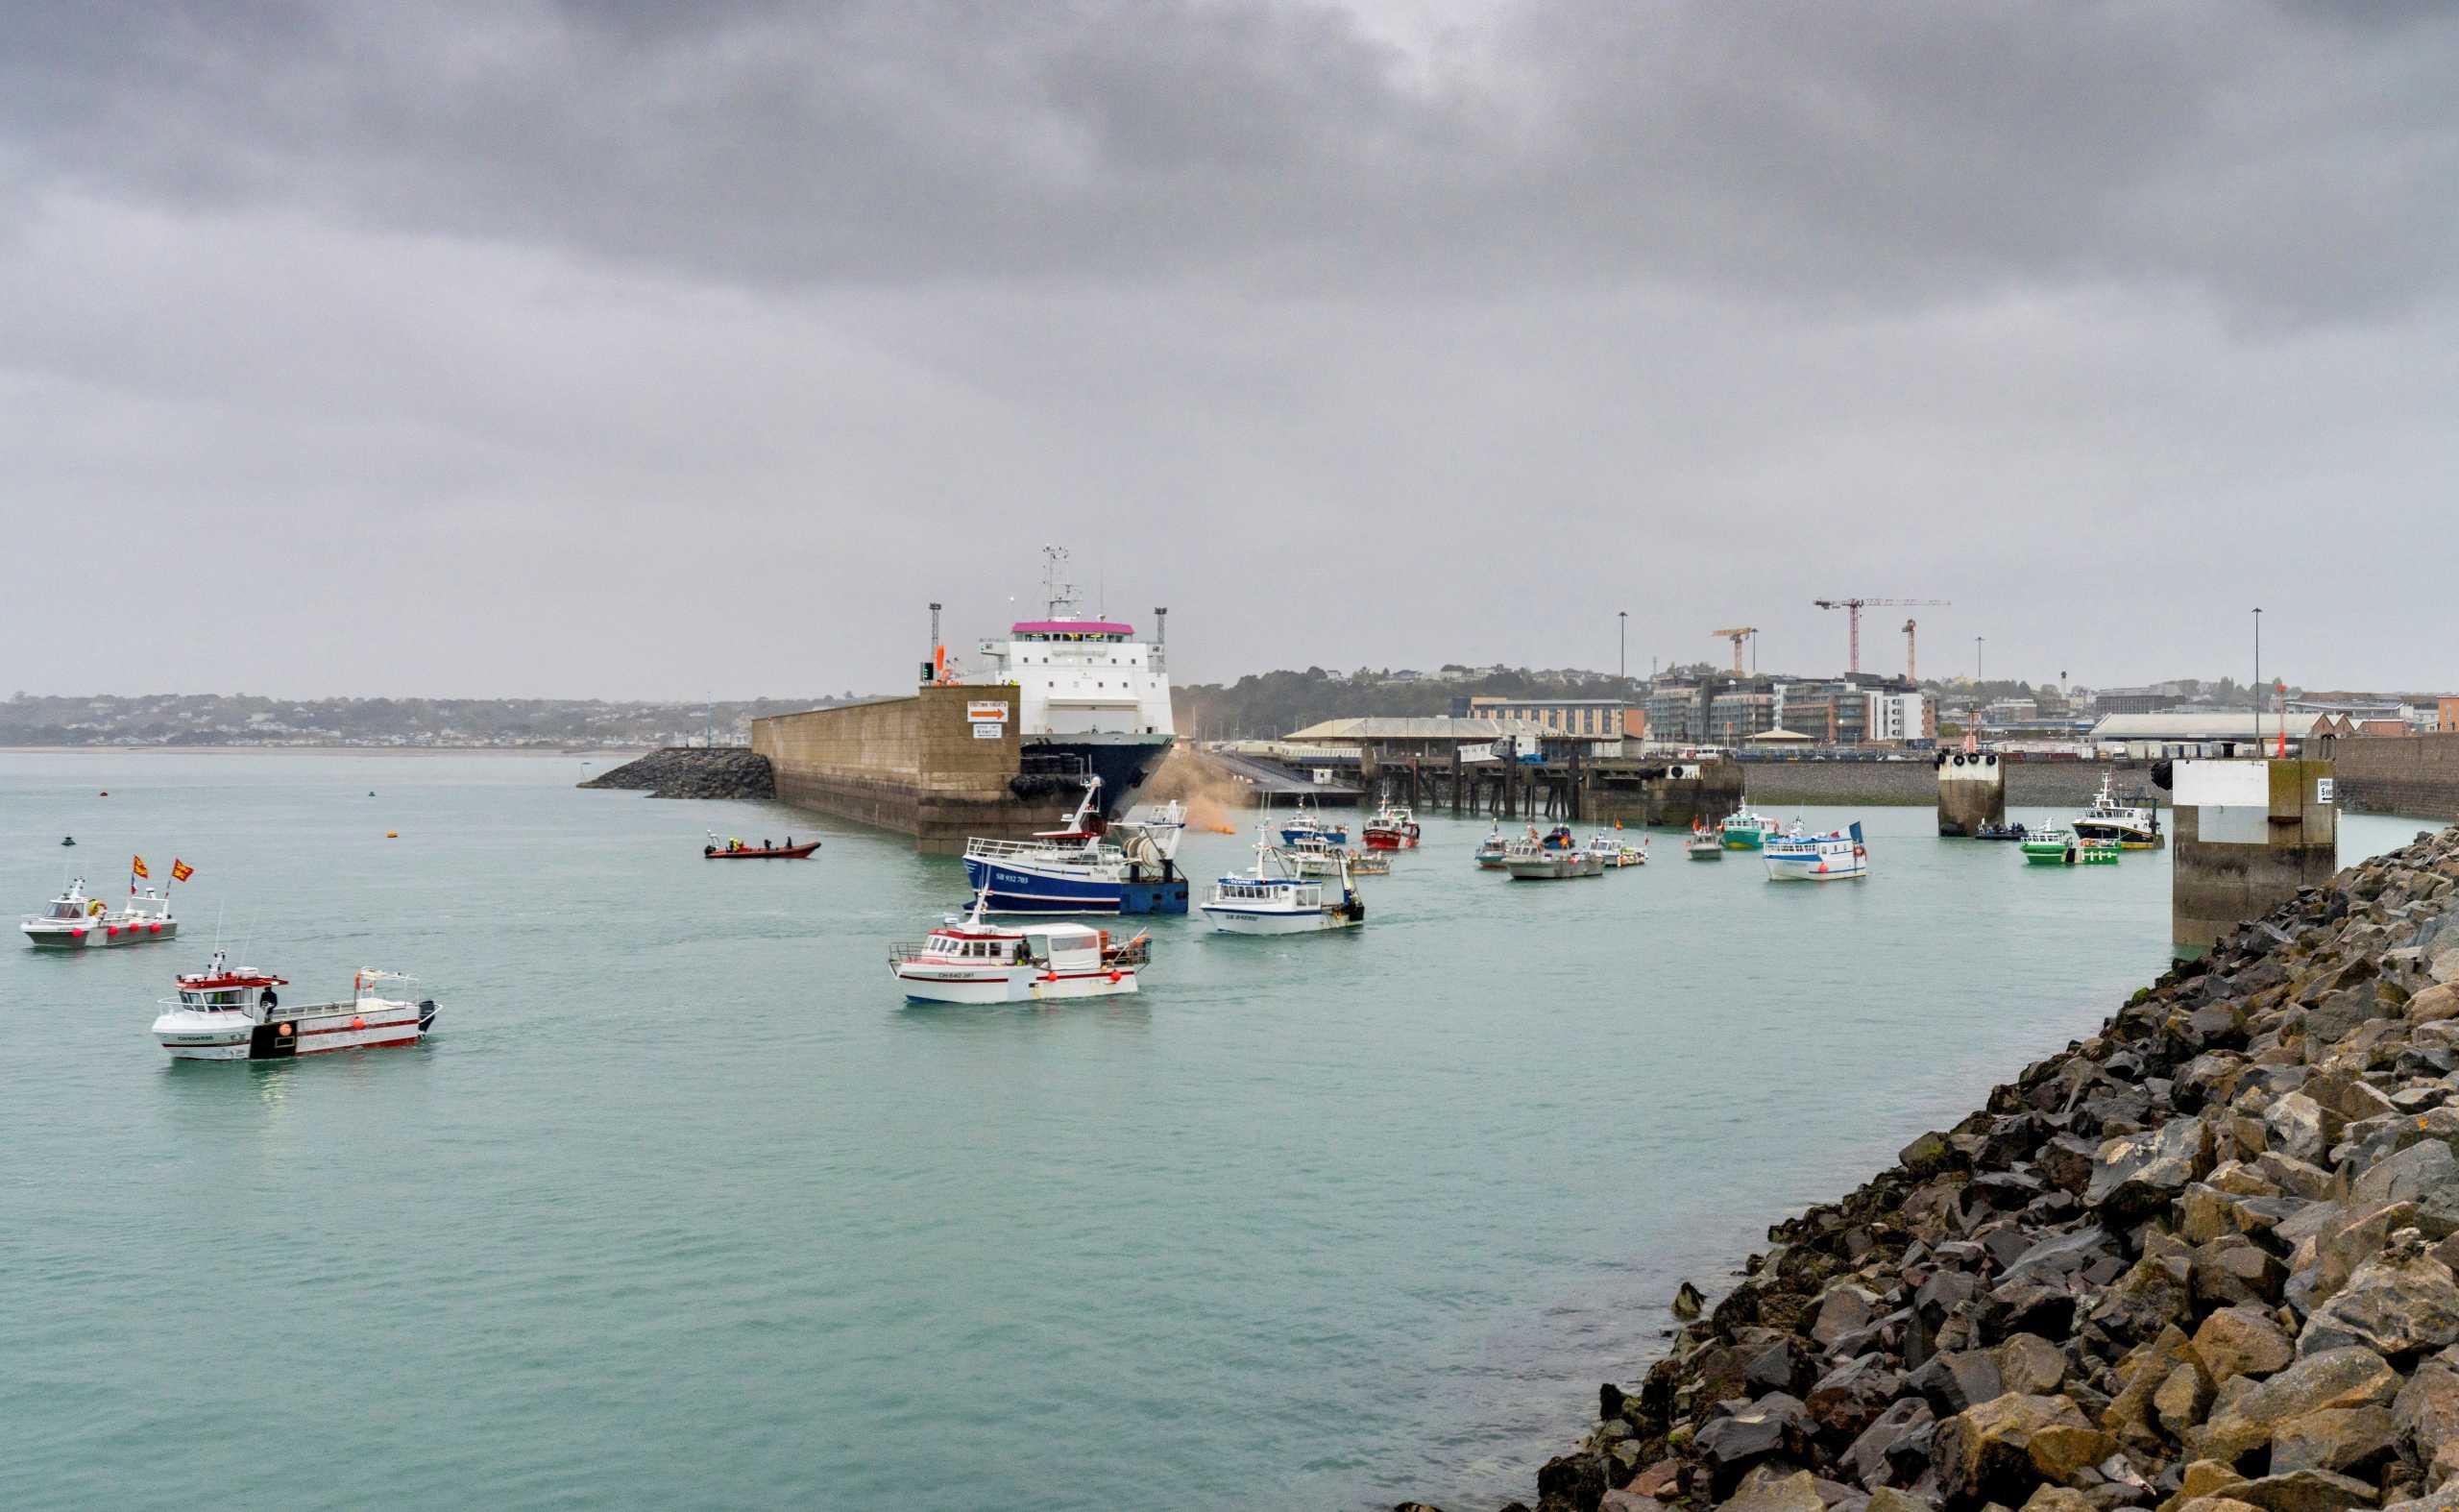 «Πολεμικό» σκηνικό στη Μάγχη: Γάλλοι ψαράδες απέκλεισαν λιμάνι – Στο Τζέρσεϊ βρετανικά πολεμικά (pics, vids)